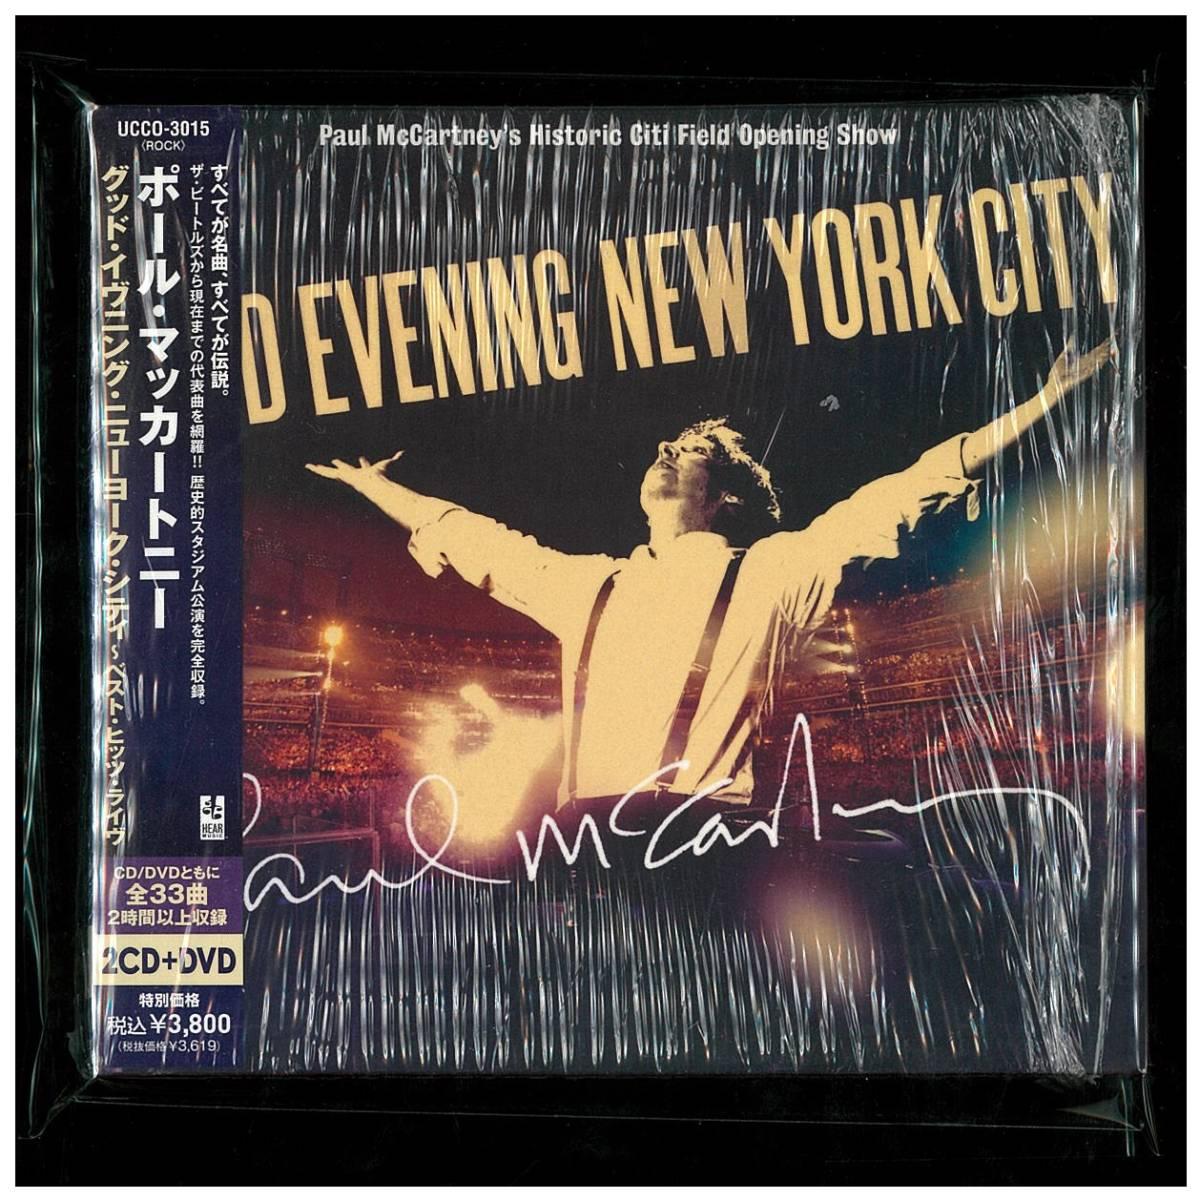 ビートルズ☆2CD+1DVD☆ポールマッカートニー☆グッドイヴニングニューヨークシティ☆UCCO-3015☆シュリンク付き☆Paul McCartney☆